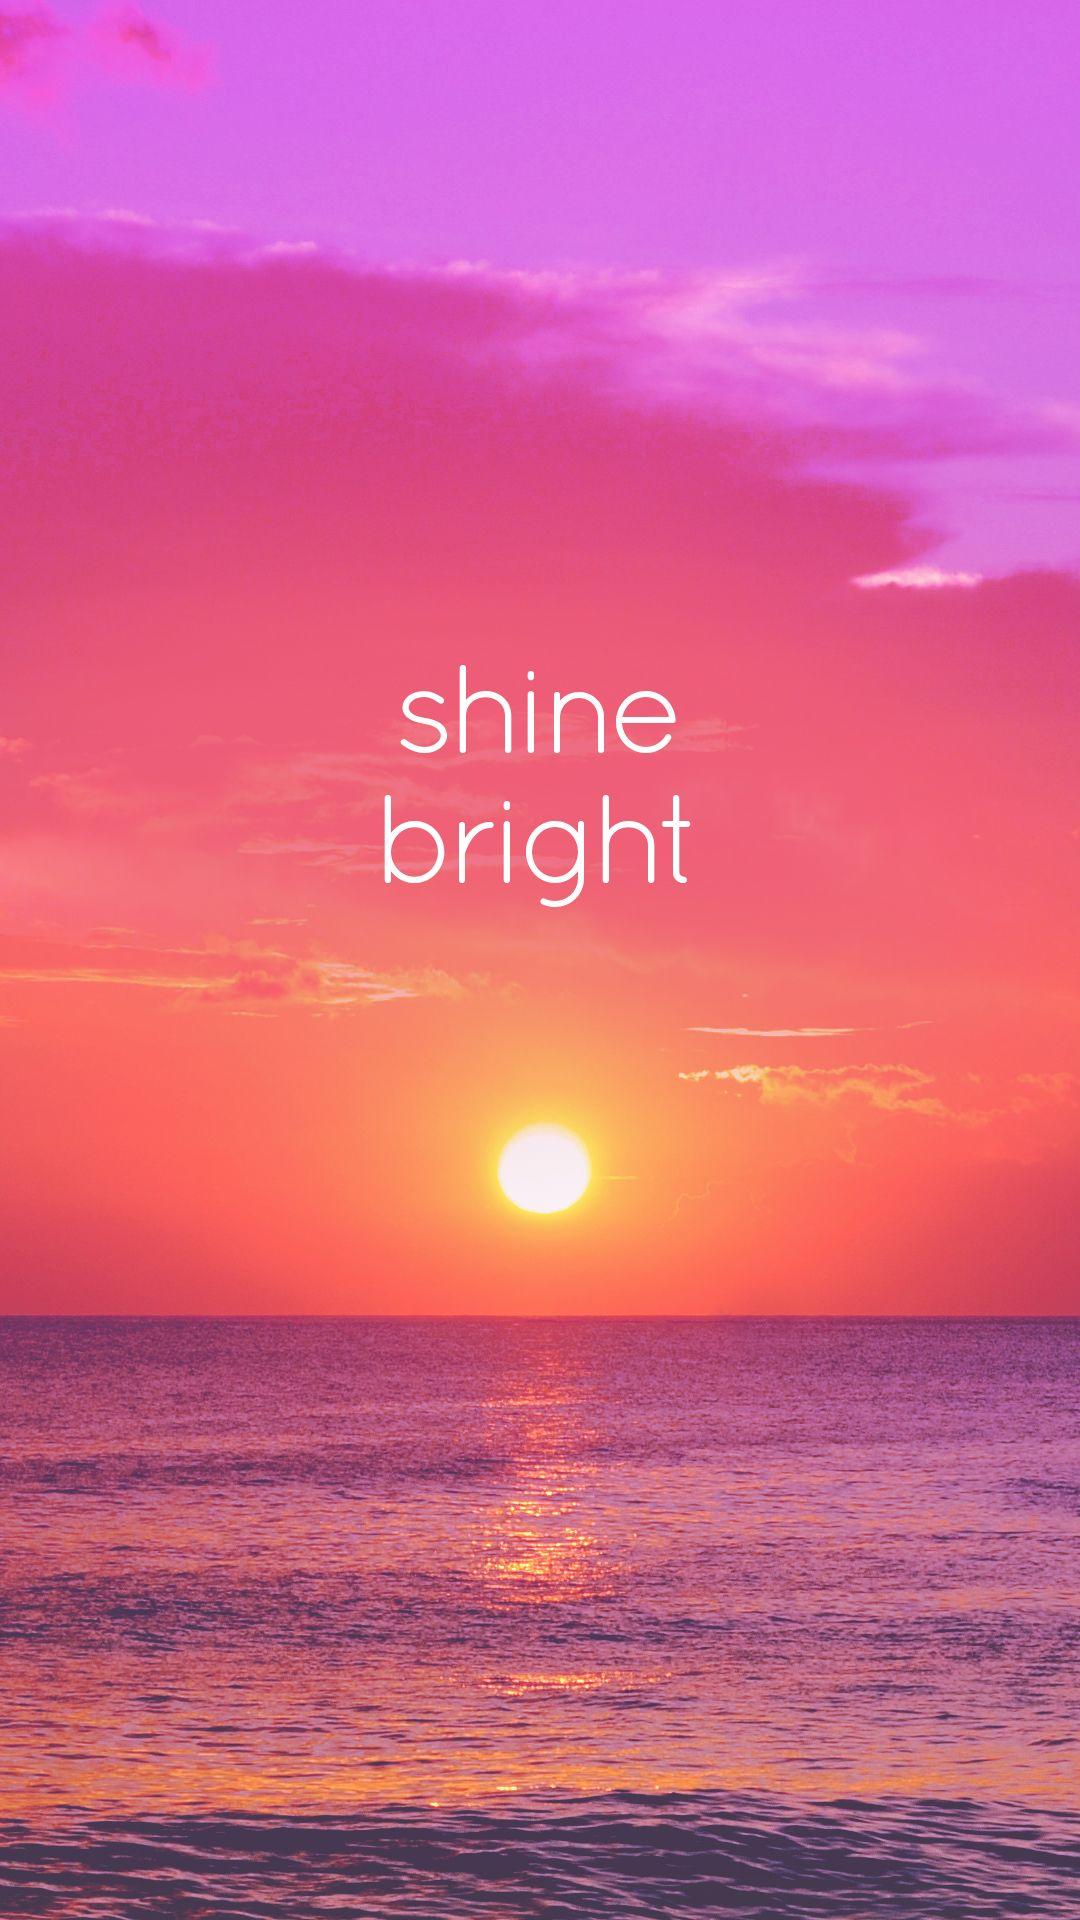 iPhone6WP-ShineBright-1.jpg (1080×1920)